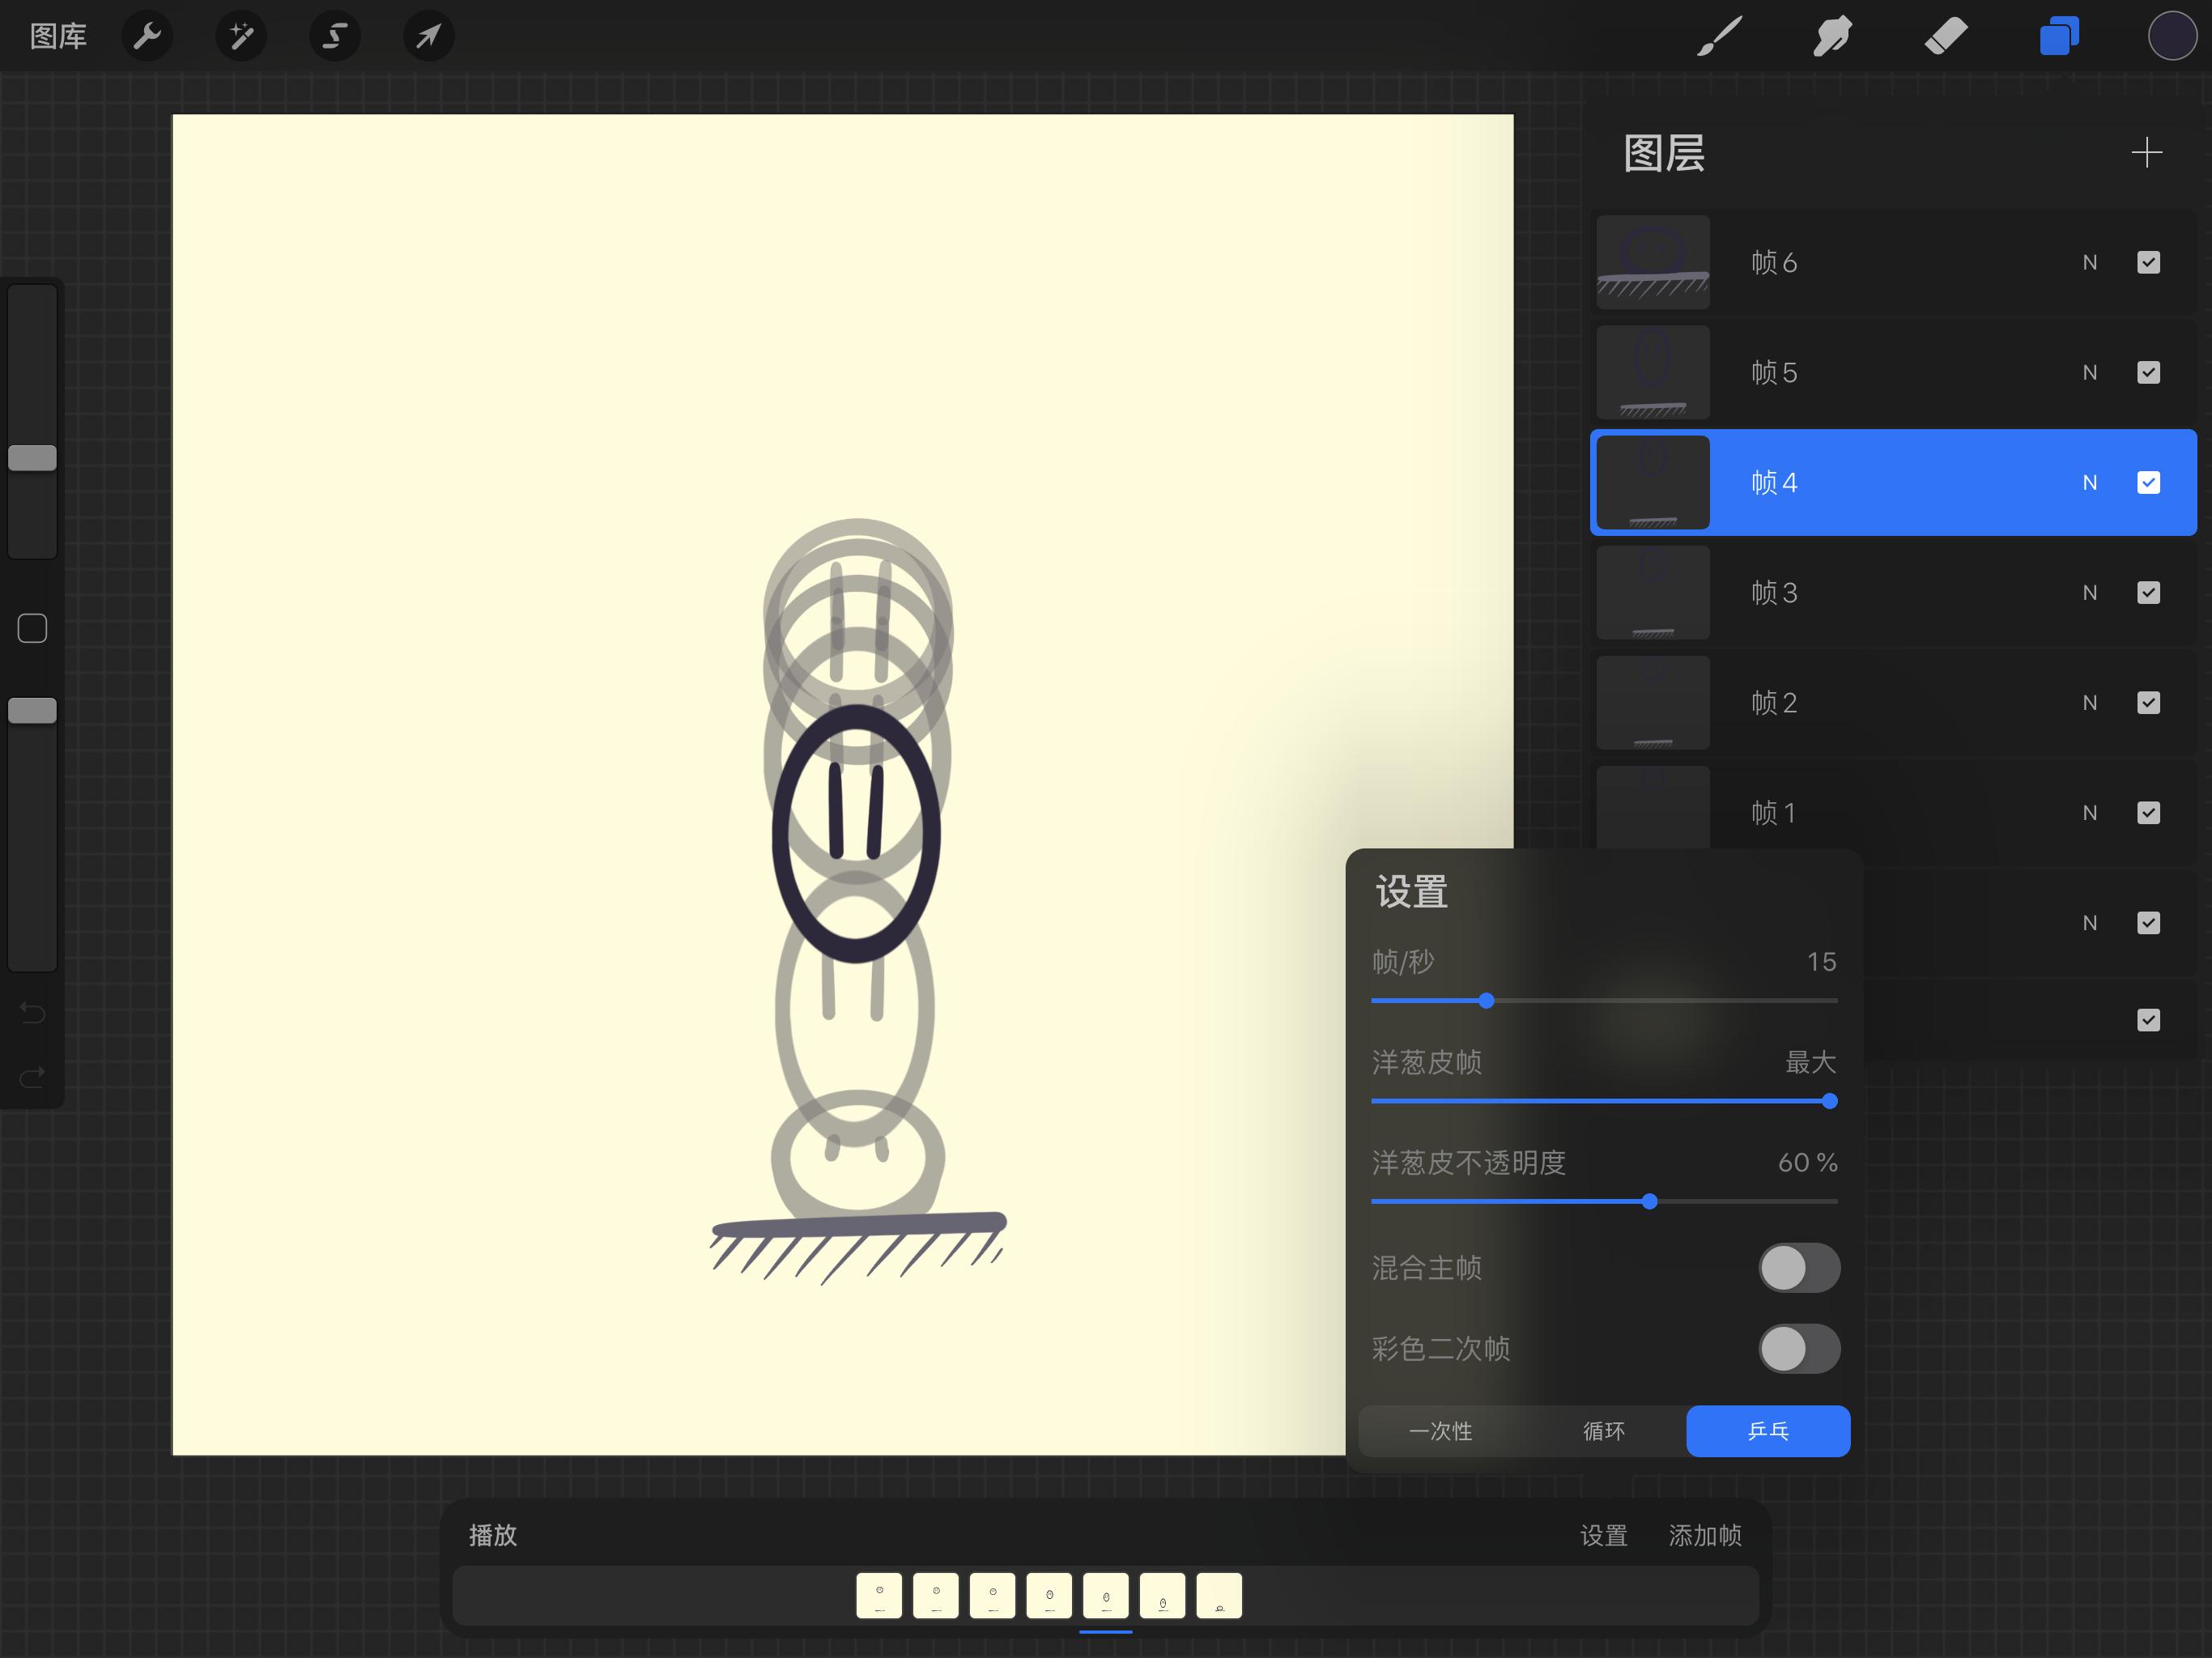 ipad 繪畫工具 procreate 更新 5.0:最具「可玩性」的